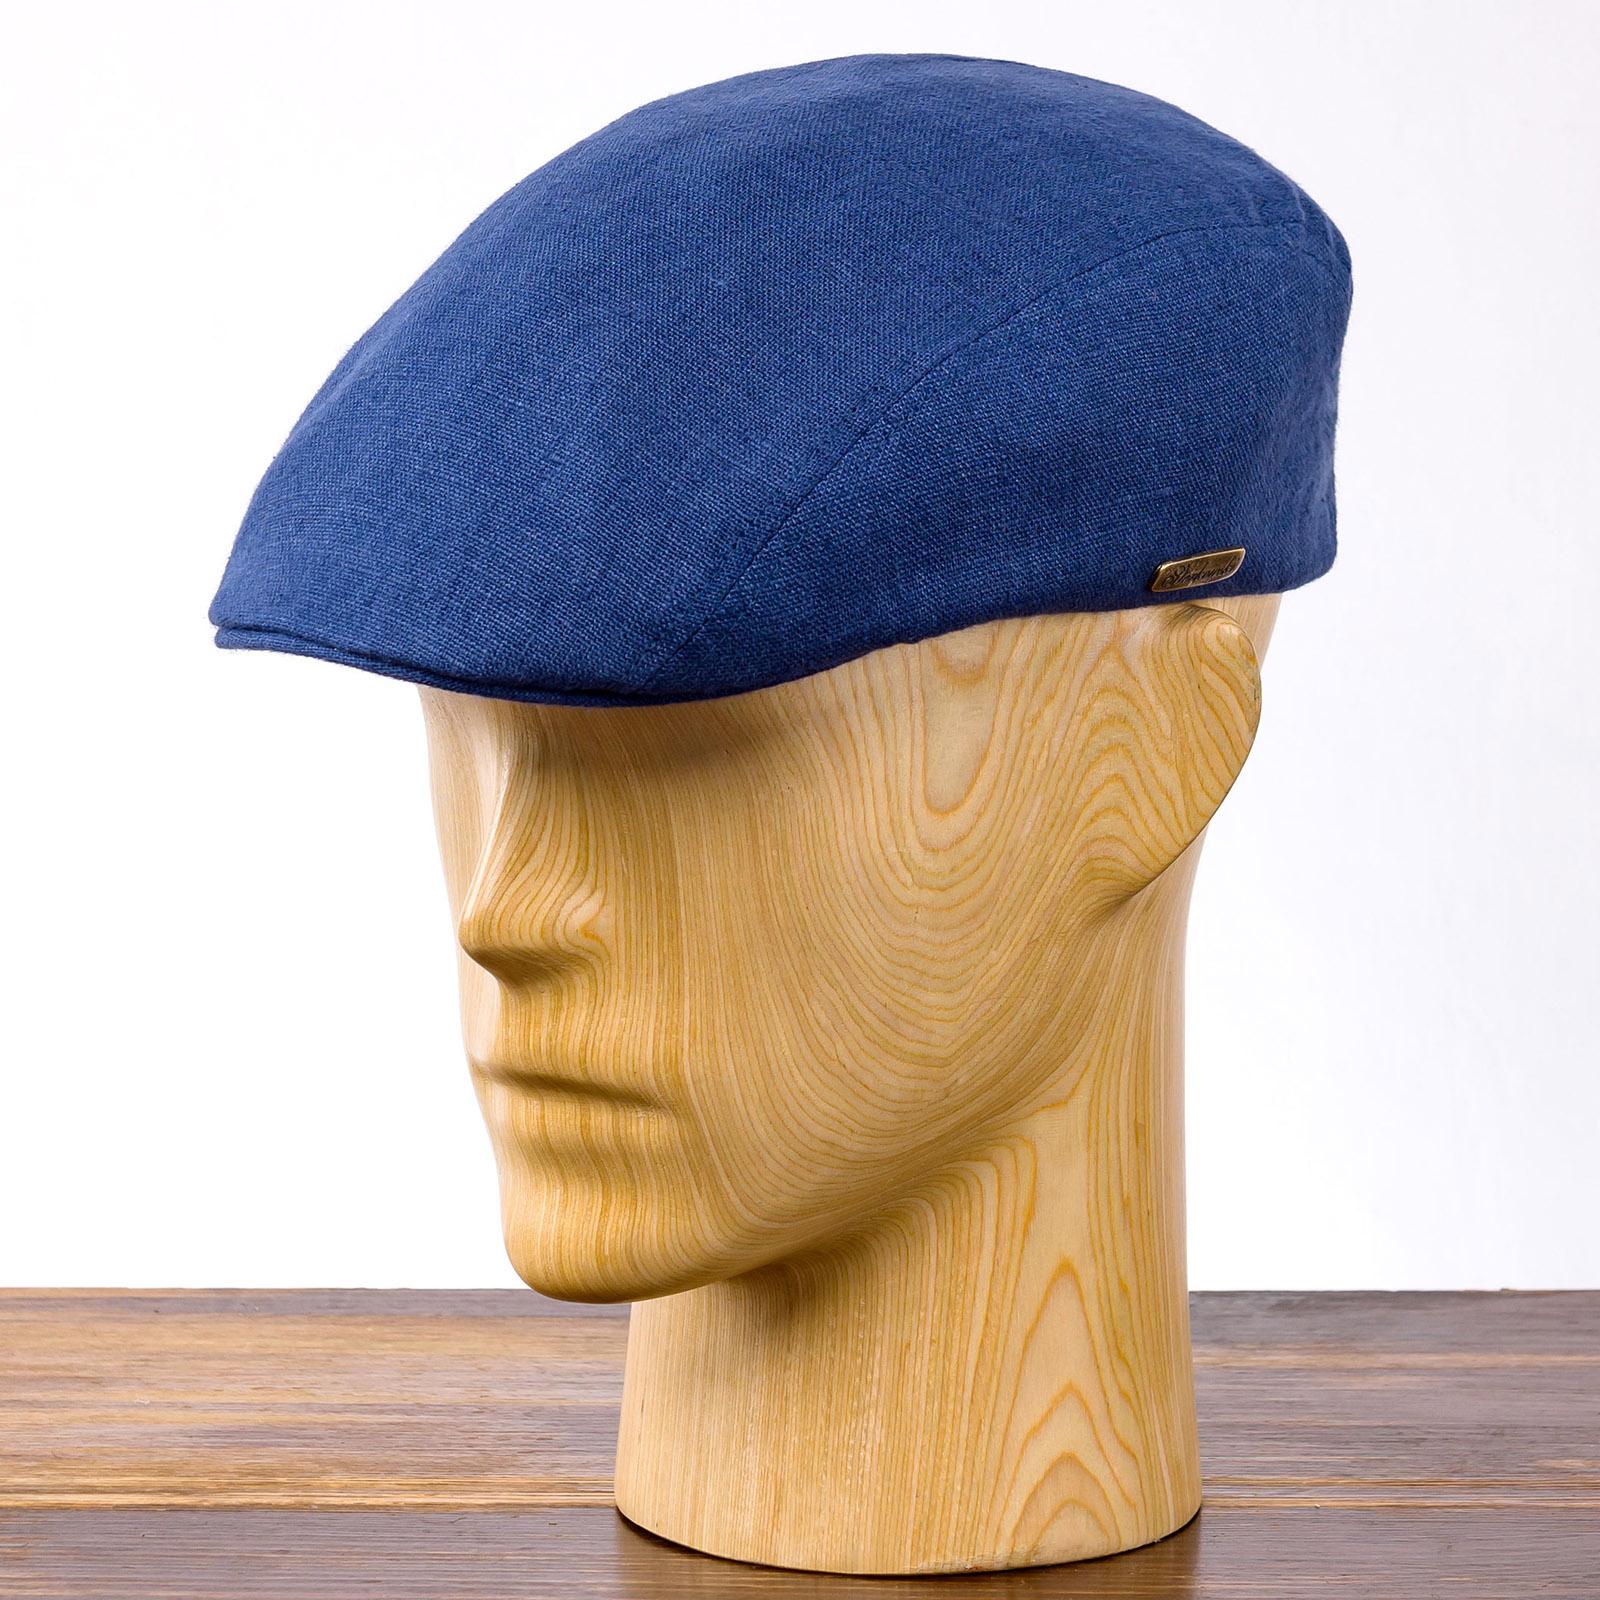 Lekka i przewiewna czapka kaszkiet na lato lniana Ivy cap